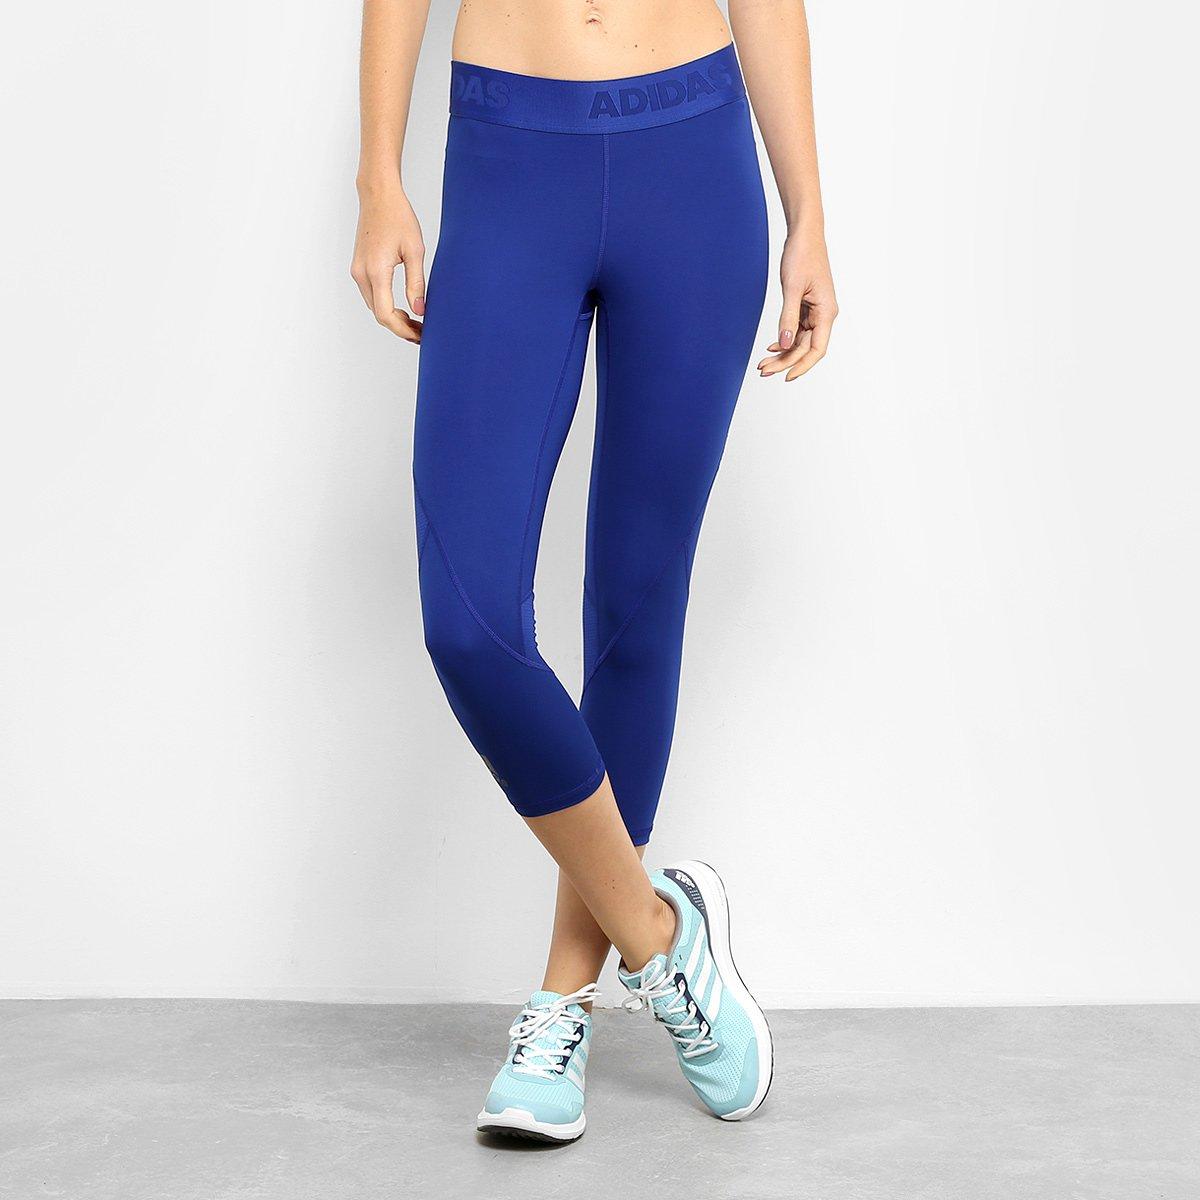 005e4d0d876 Calça Corsário Adidas Ask Spr 34 Feminina - Azul Royal - Compre Agora